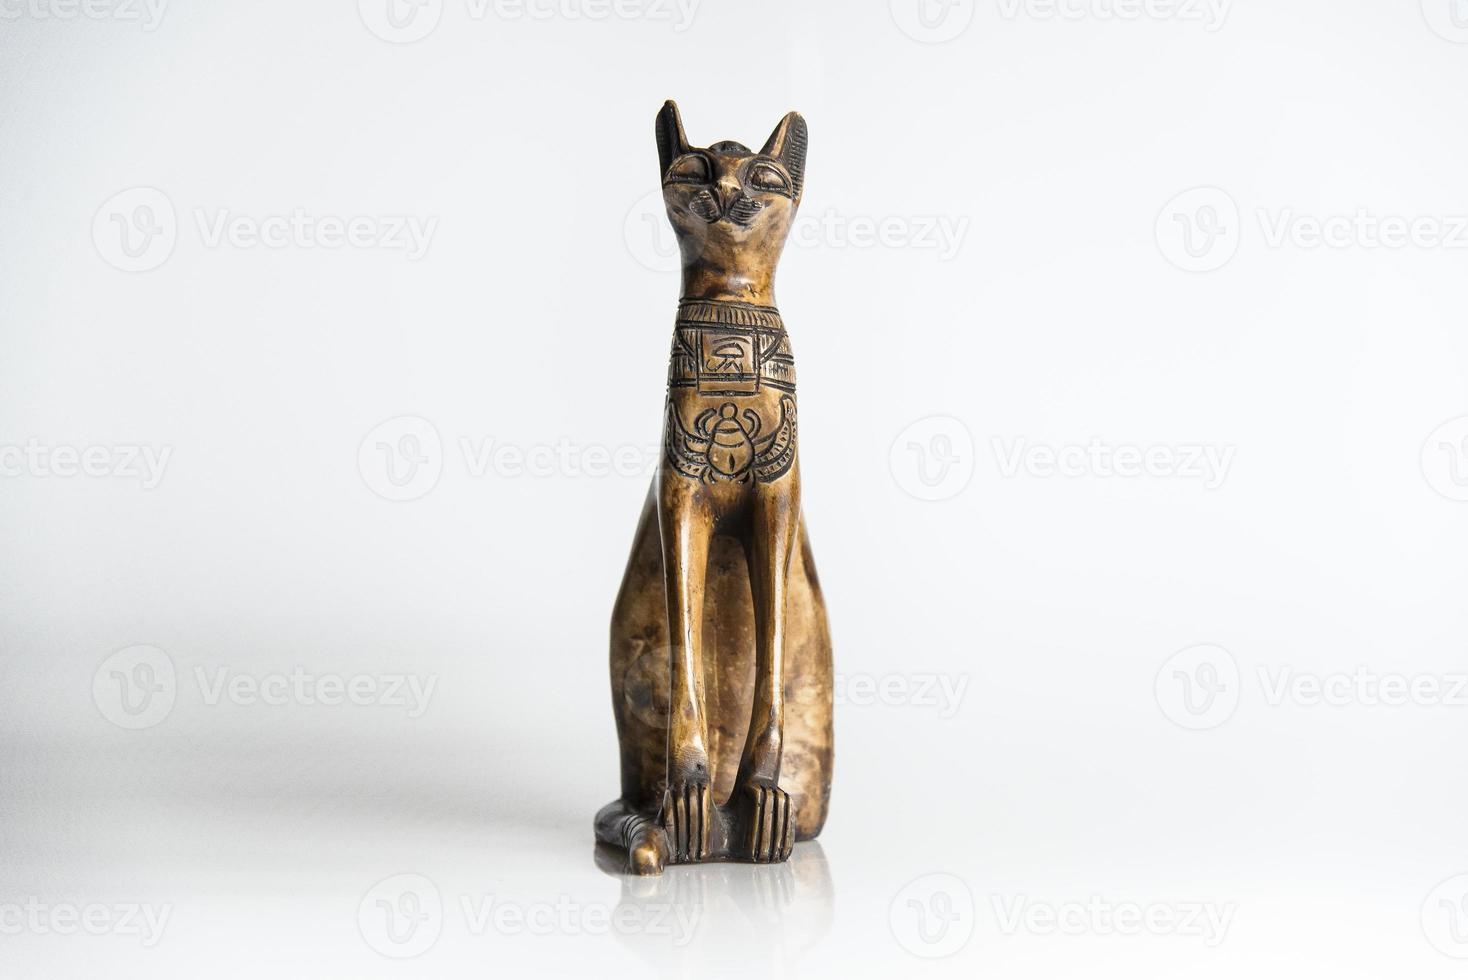 Holzkatze - Souvenir aus Ägypten foto